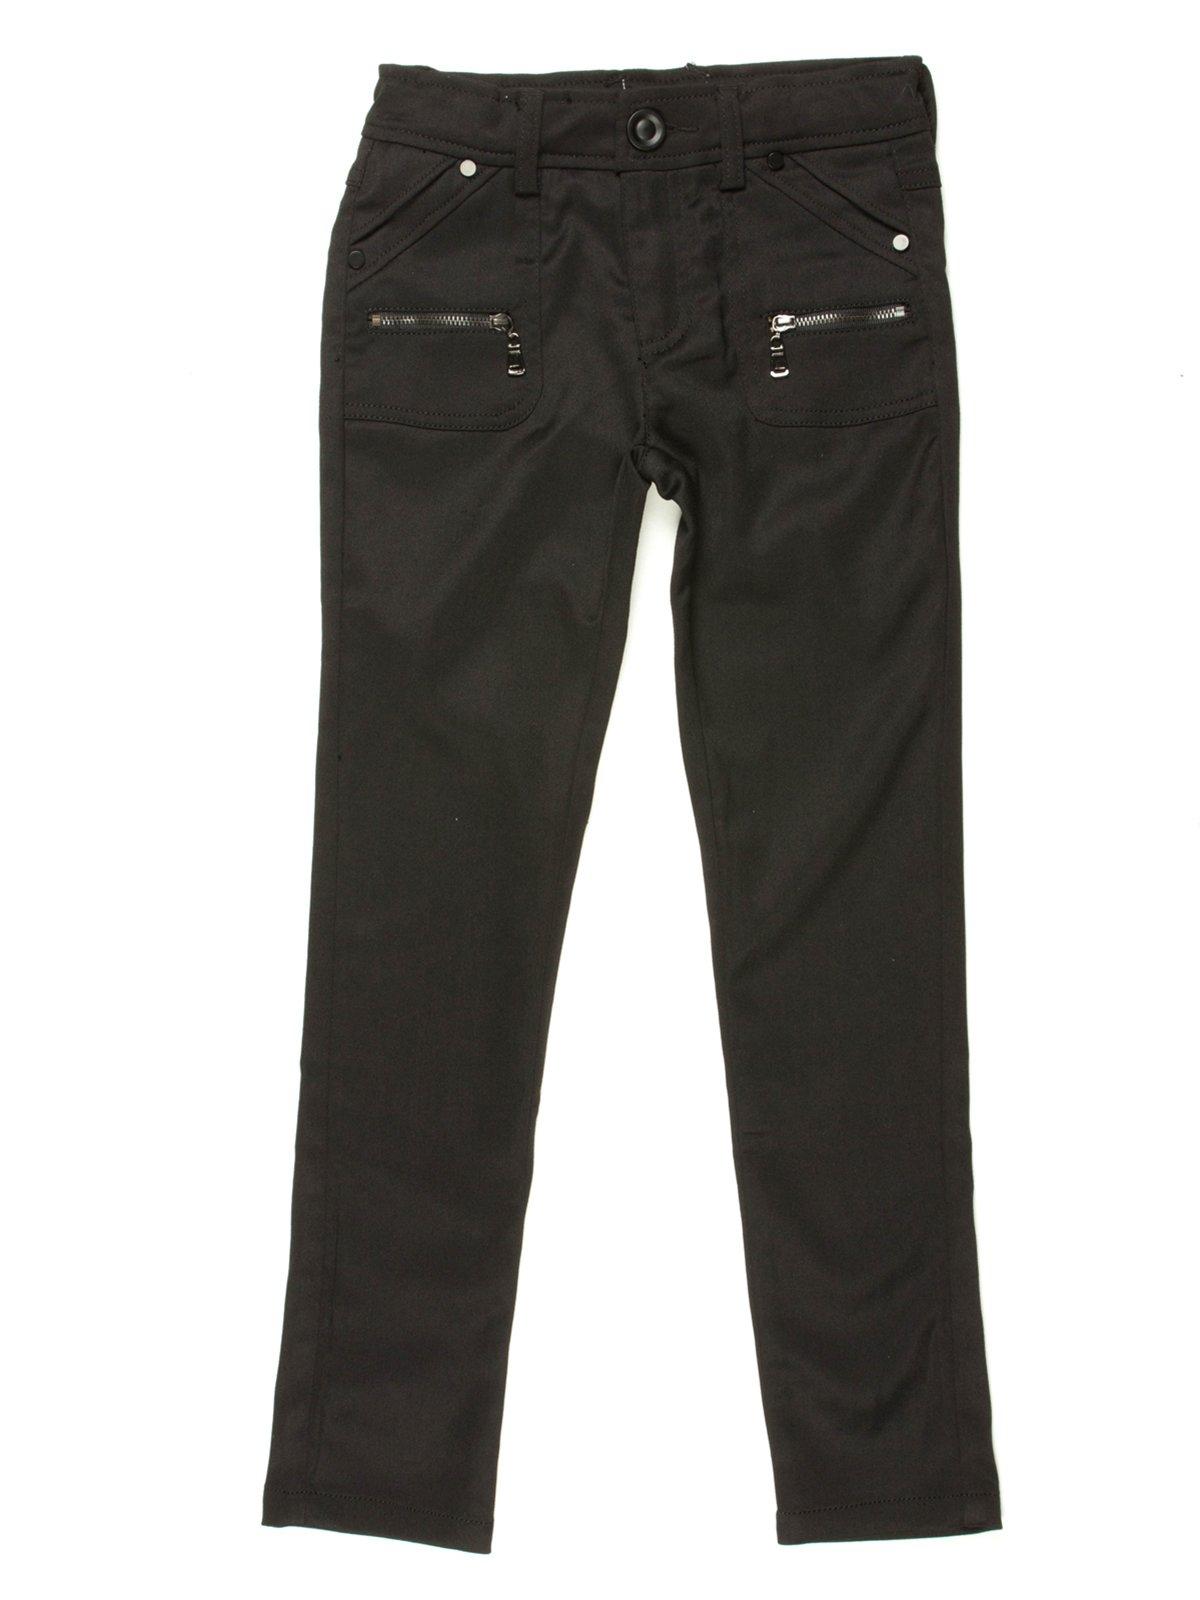 Брюки черные с карманами | 514014